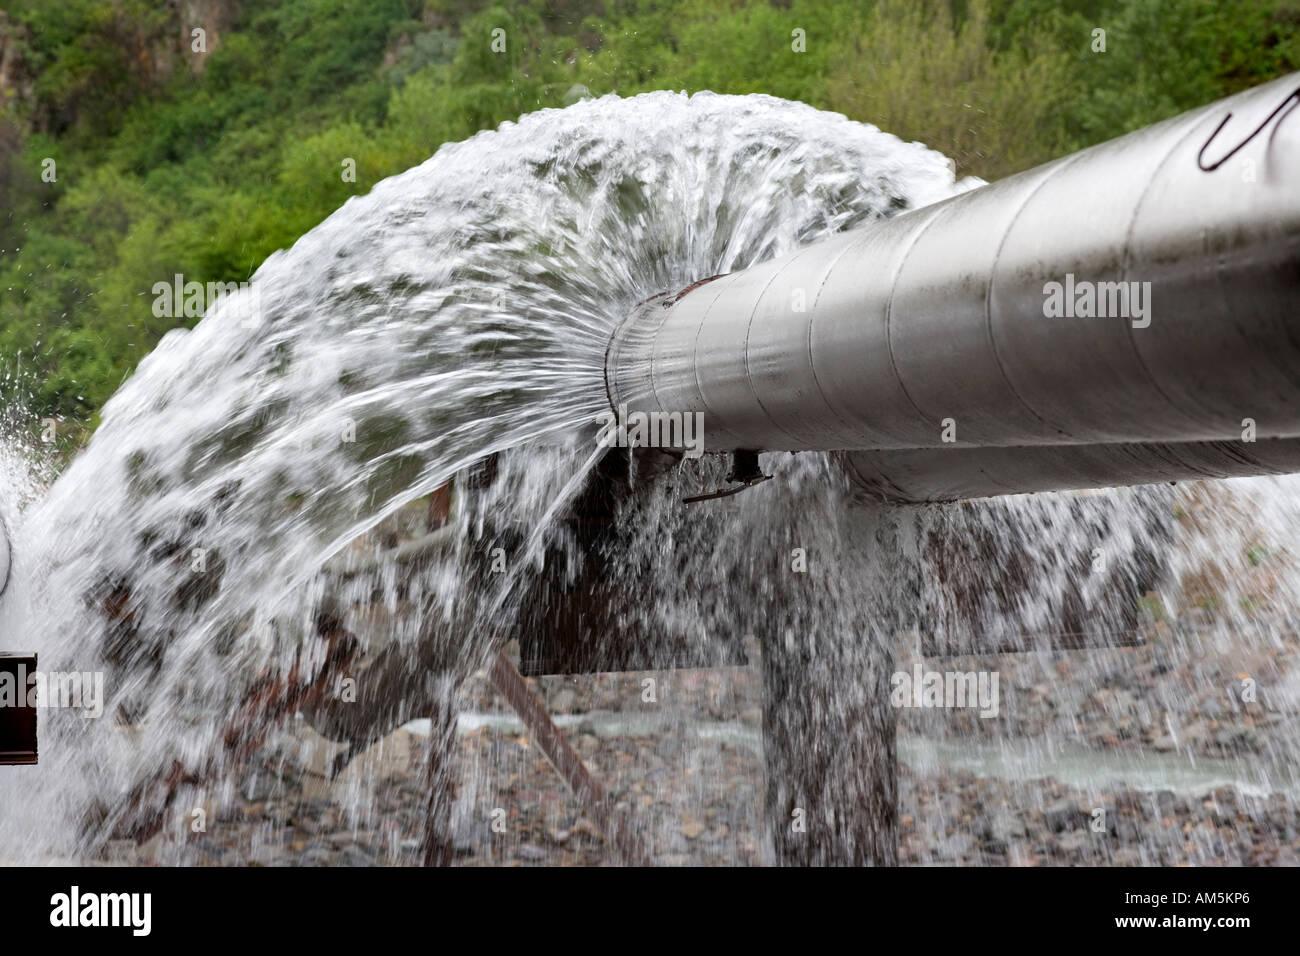 Water leak. Leaking pipes. Burst water pipes leaking